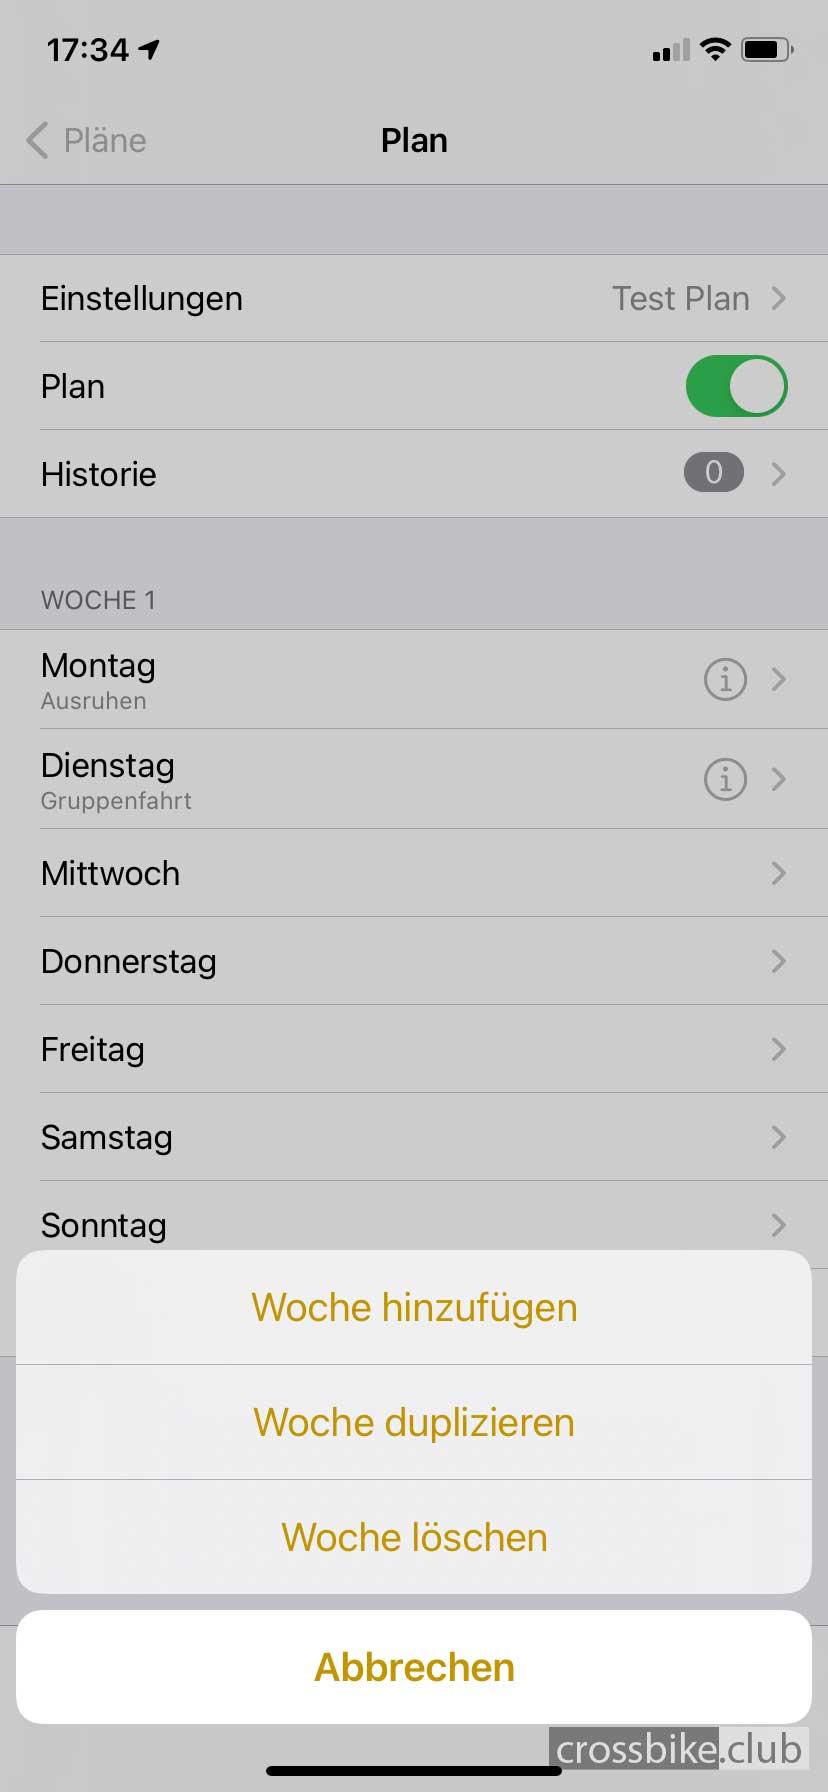 cyclemeter_plaene_neue_woche